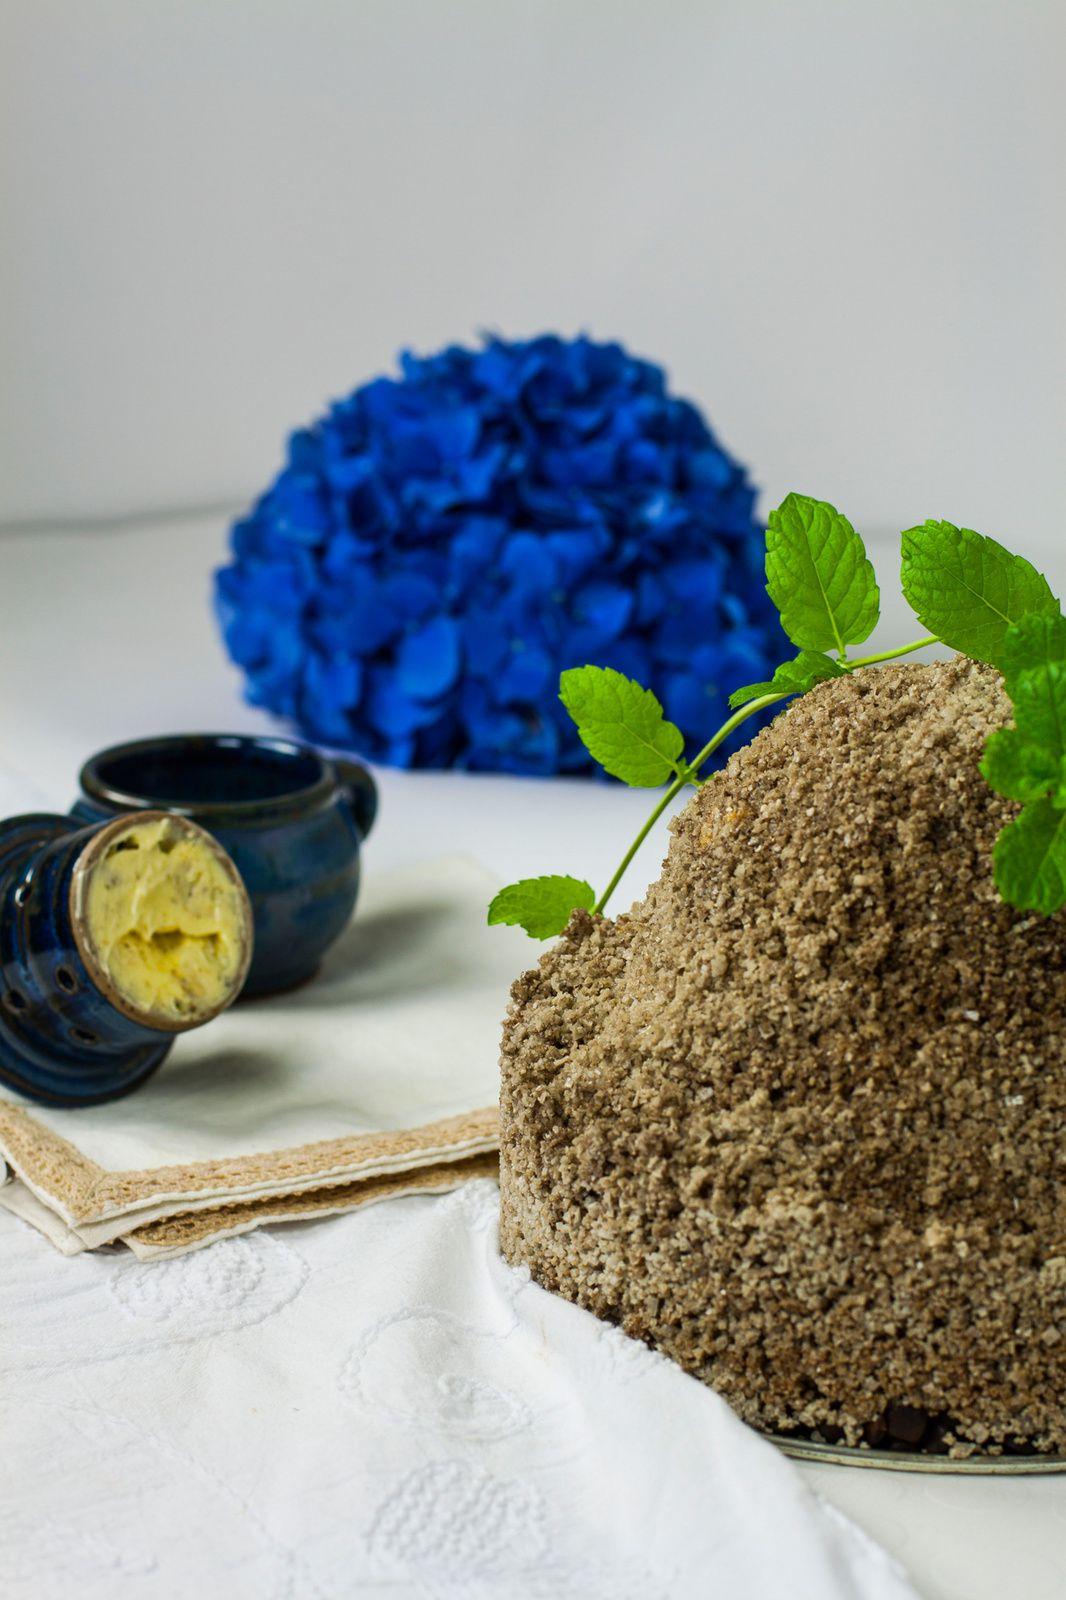 Céleri rave - en croûte de sel - beurre floral aux épices